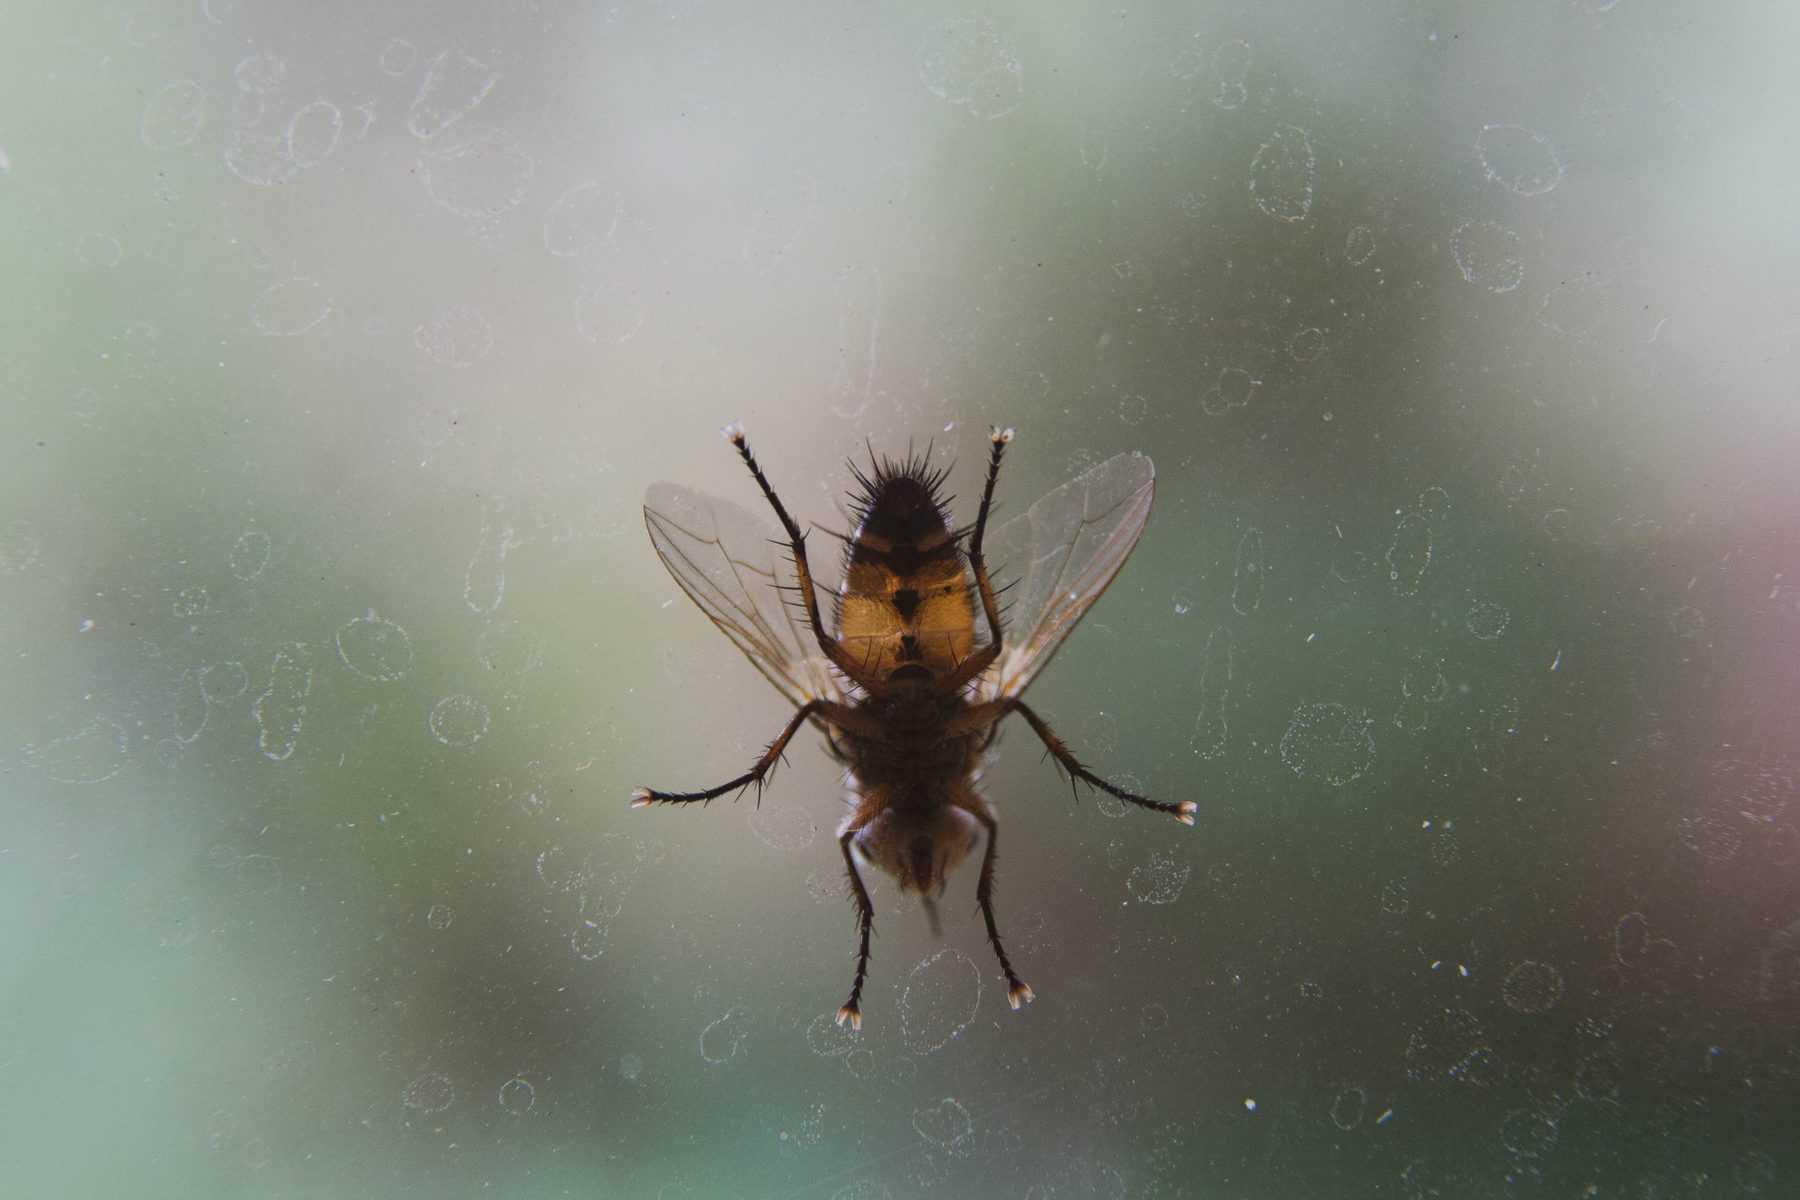 Mouche posée sur la vitre dans une maison.